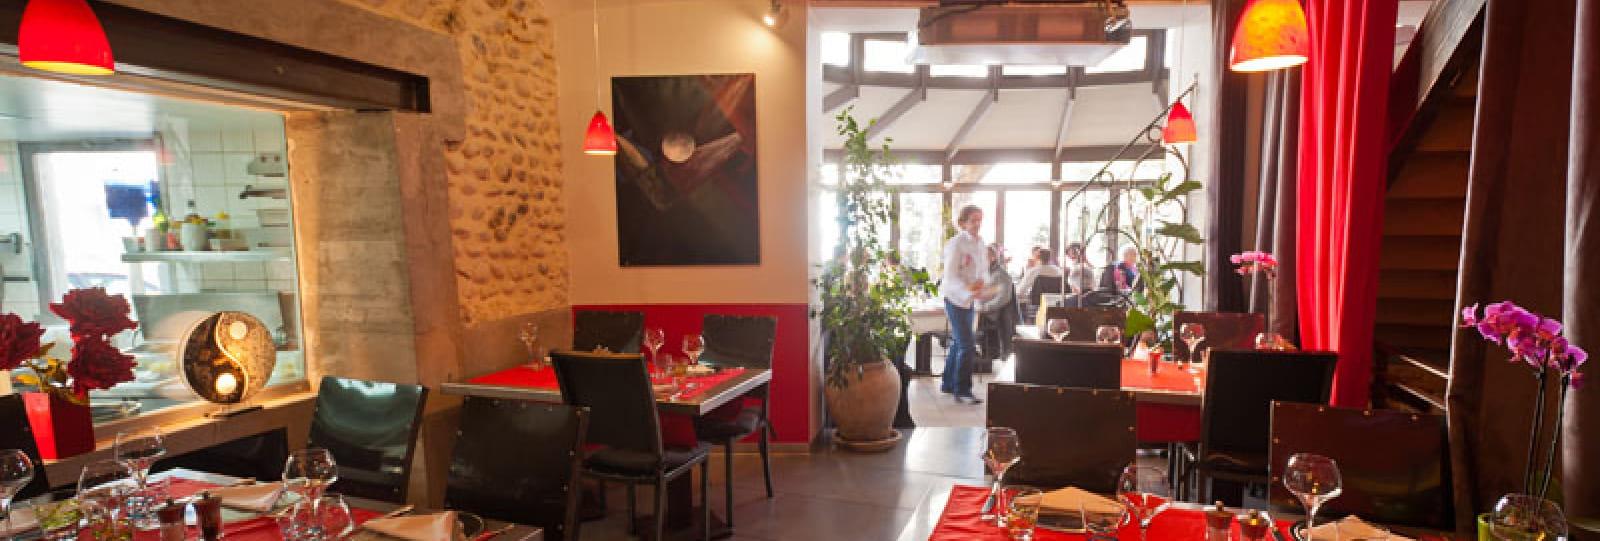 Restaurant Le Café des Arts